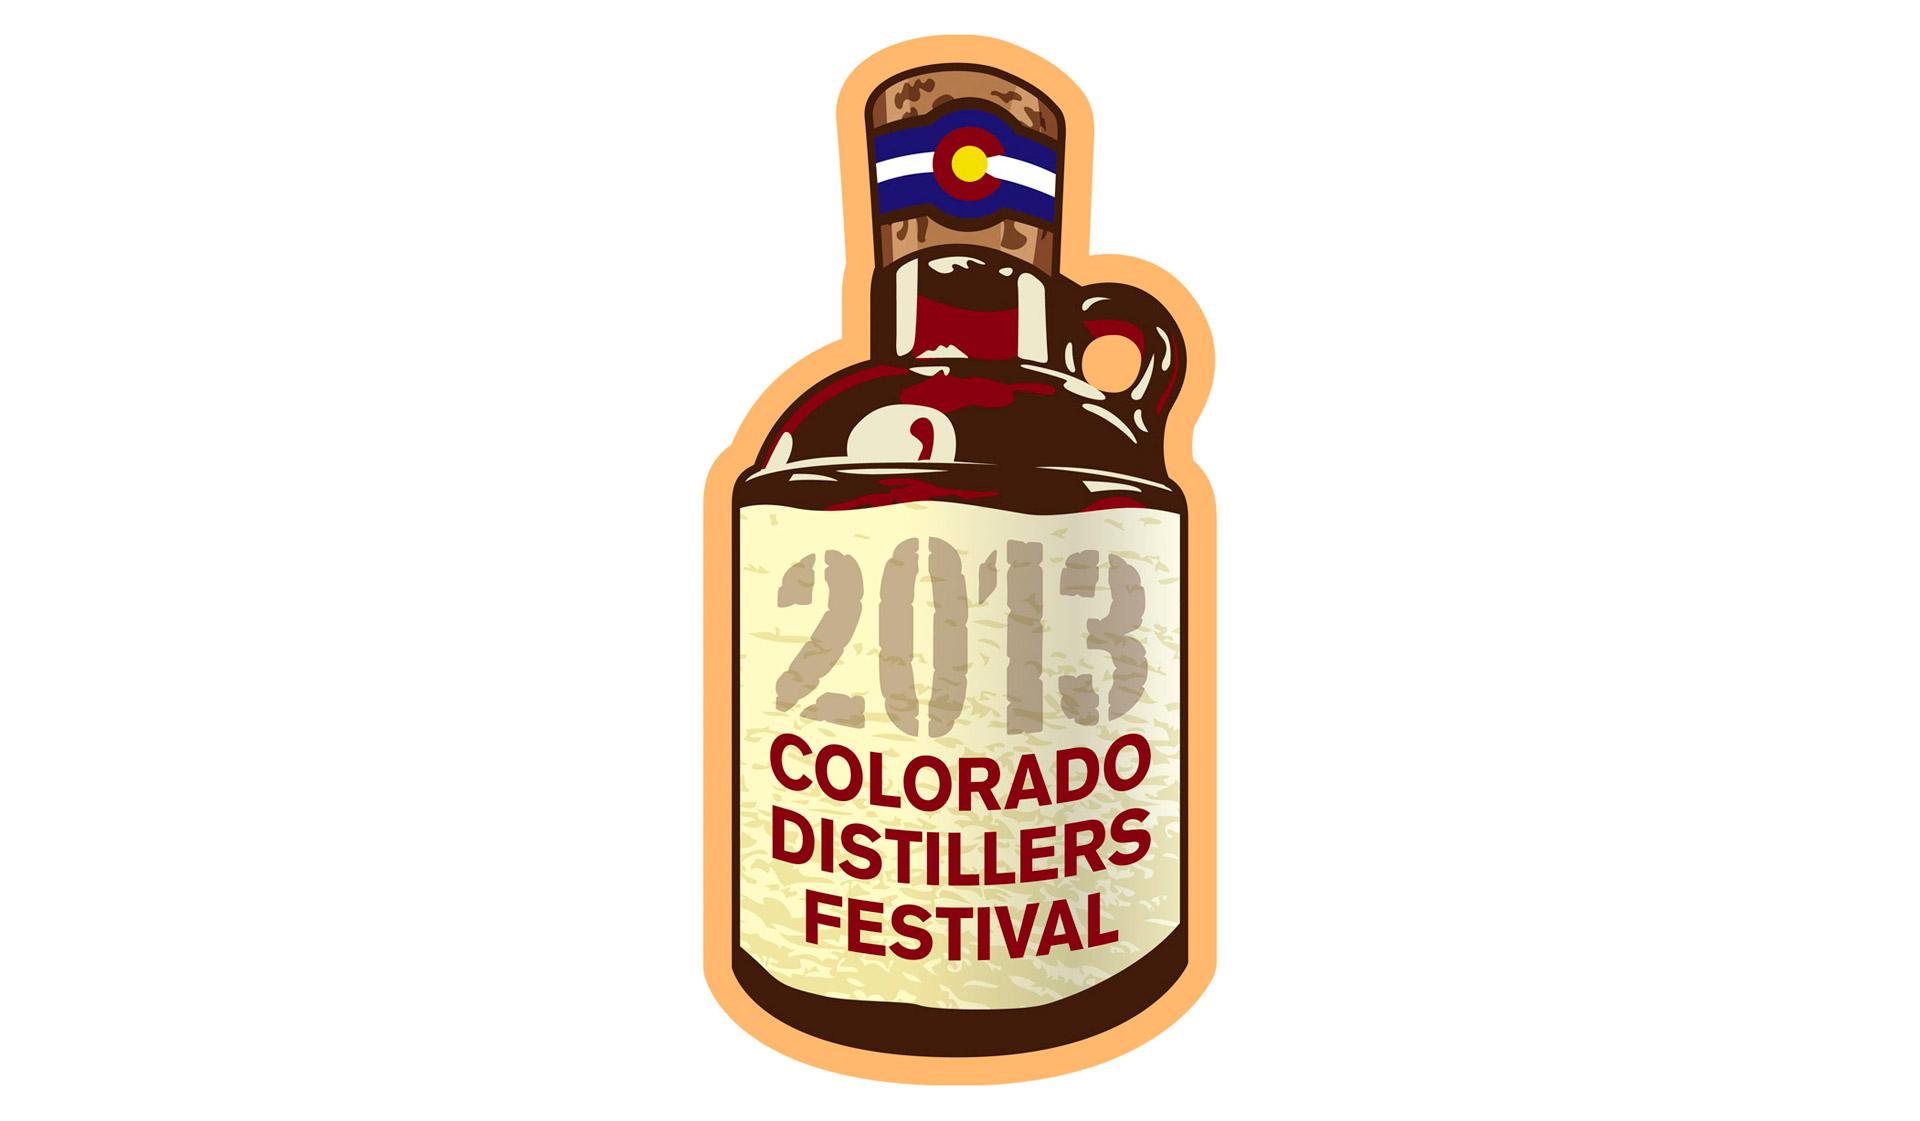 Colorado Distillers Festival Branding